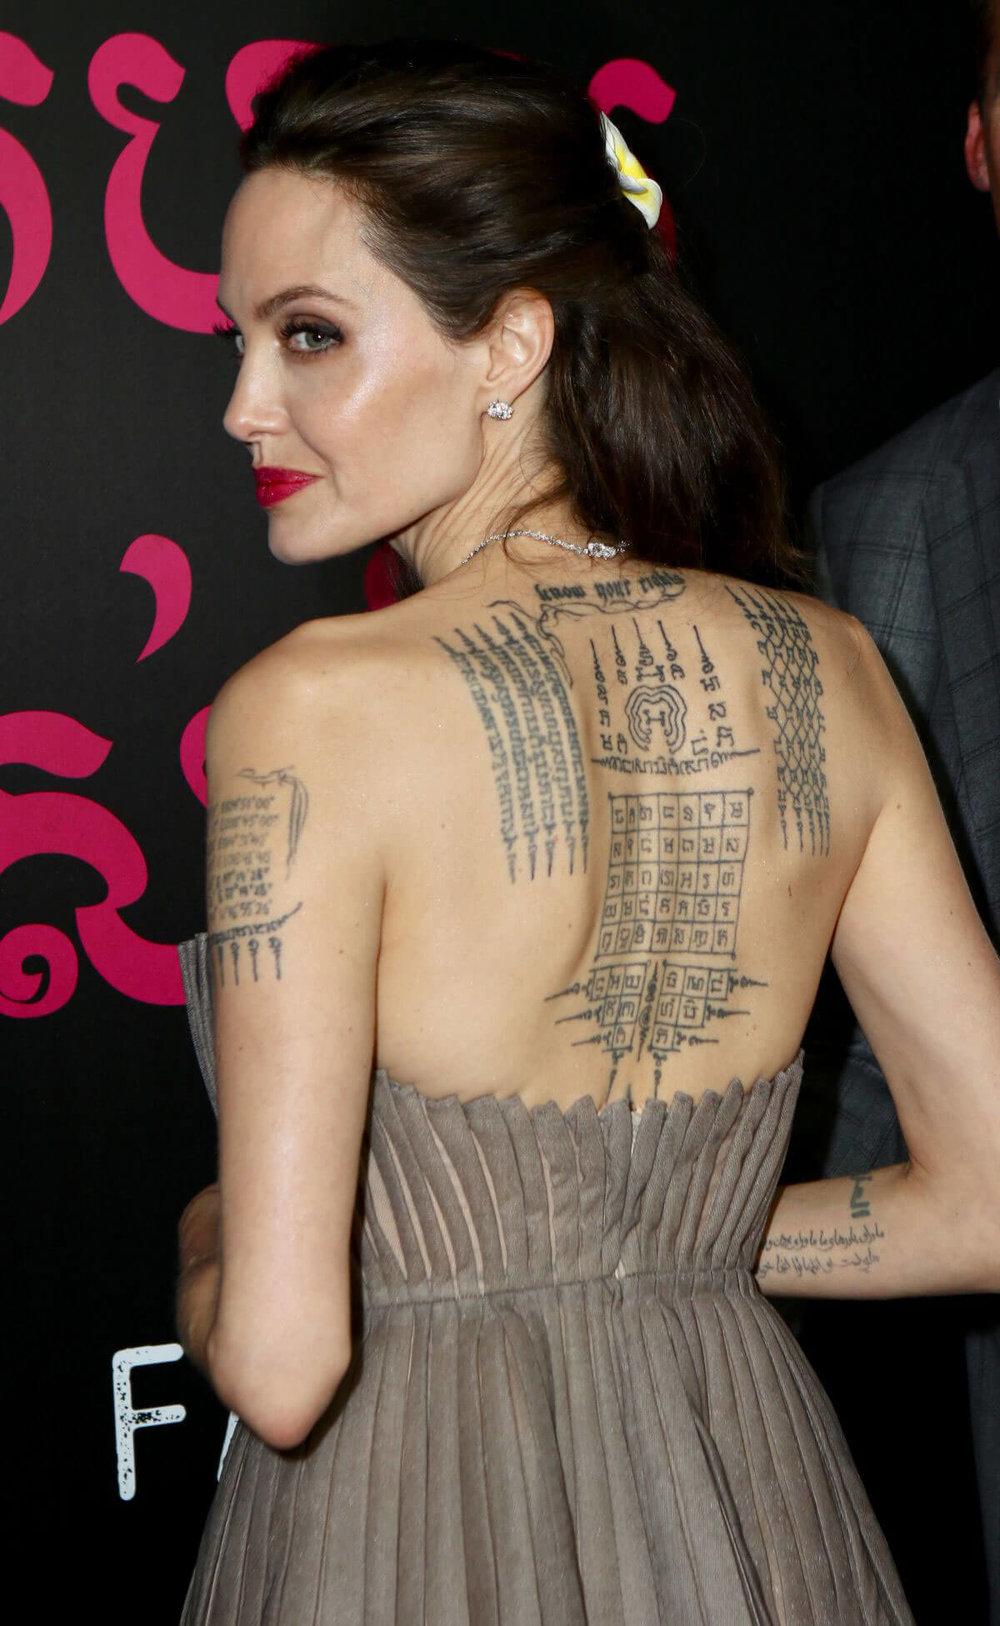 tatuaje sagrado - angelina-jolie.jpg